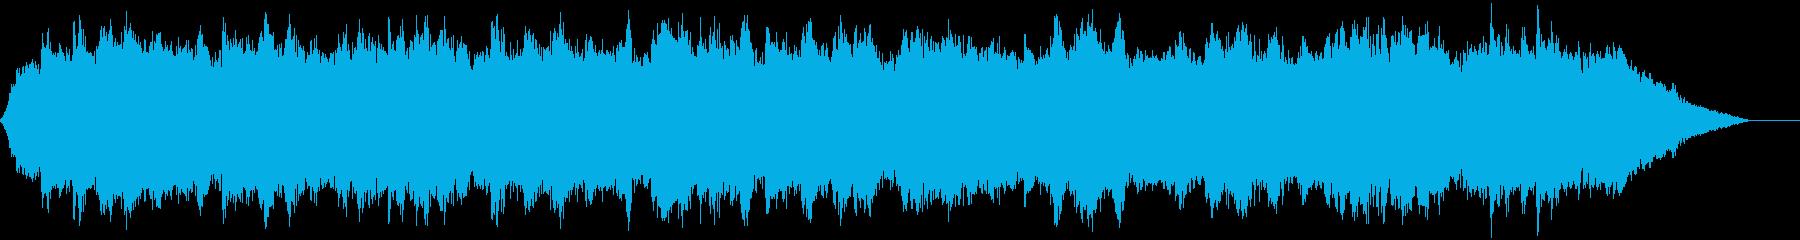 浮遊感のある揺らいだピアノ曲の再生済みの波形